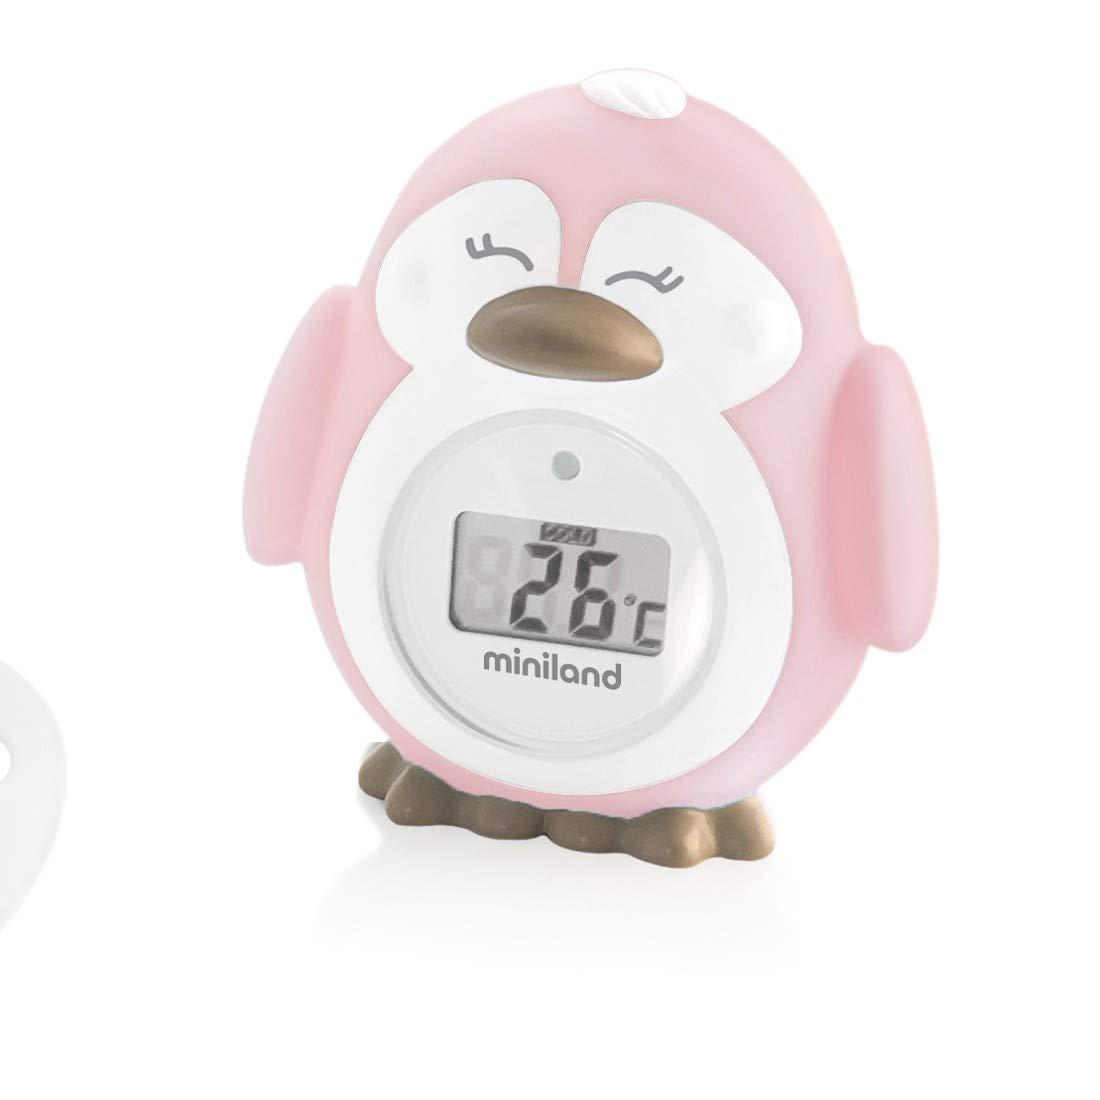 Miniland Thermokit - Set de 3 termómetros digitales de bebé, color rosa: Amazon.es: Bebé